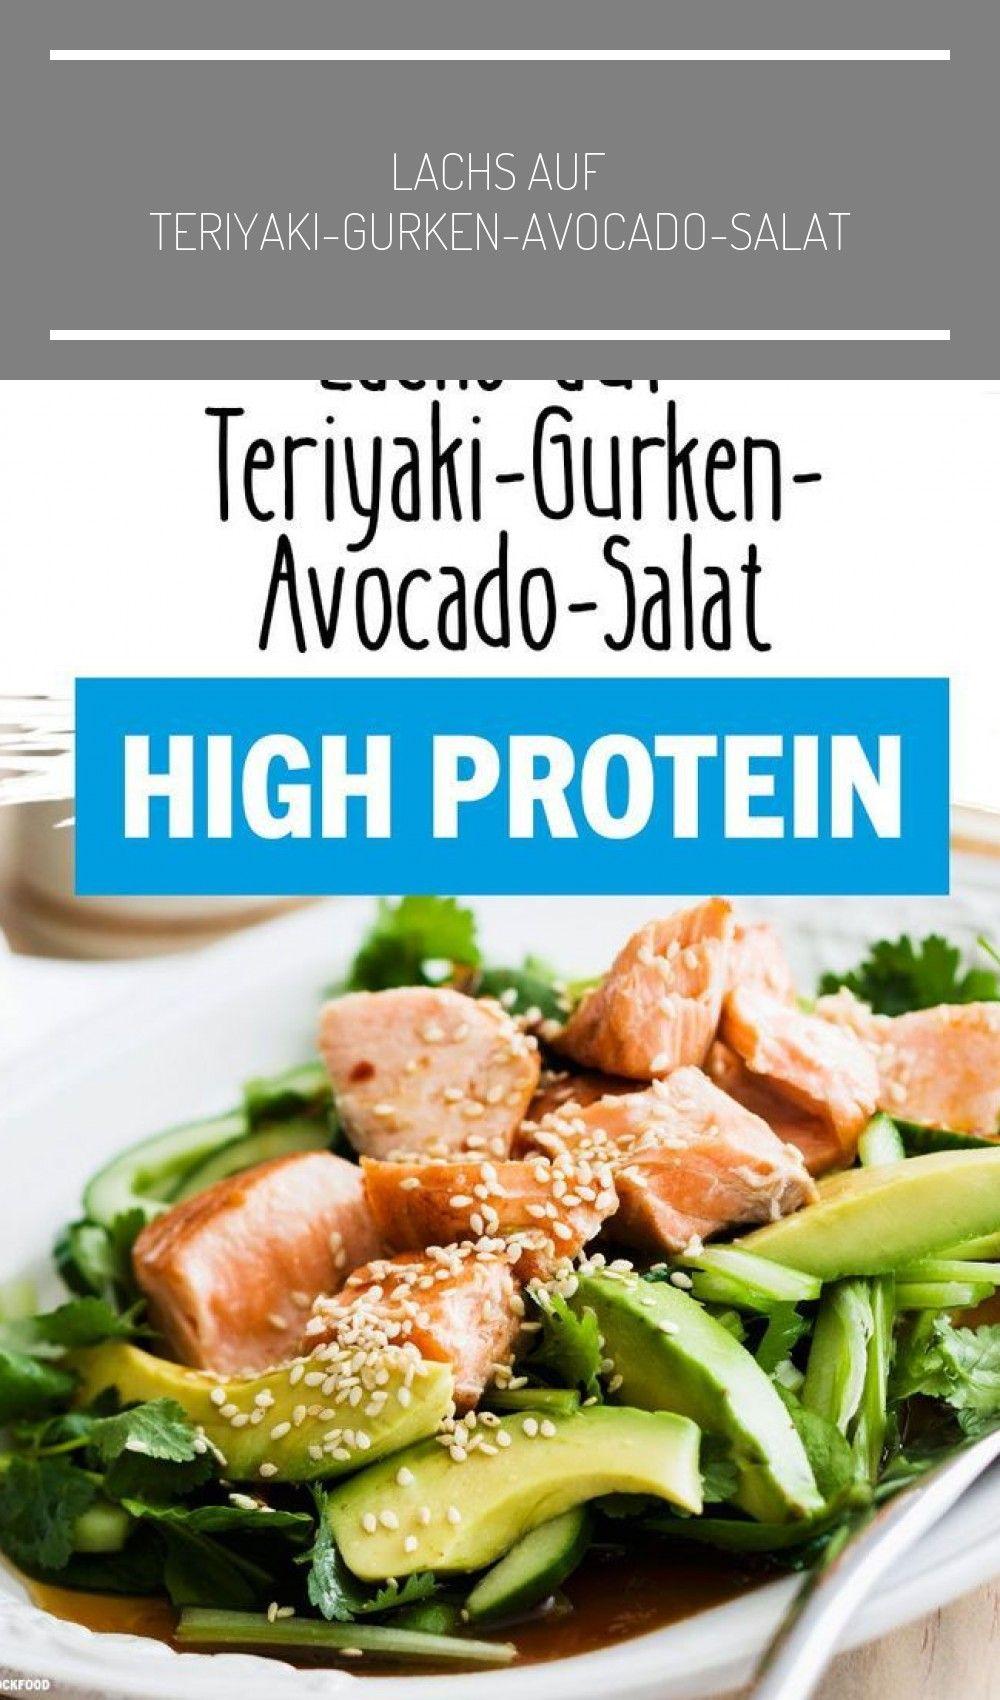 Dieser Salat mit Teriyaki-Lachs, Gurke und Avocado ist ein echter Sattmacher! Gesunde Fette, high P